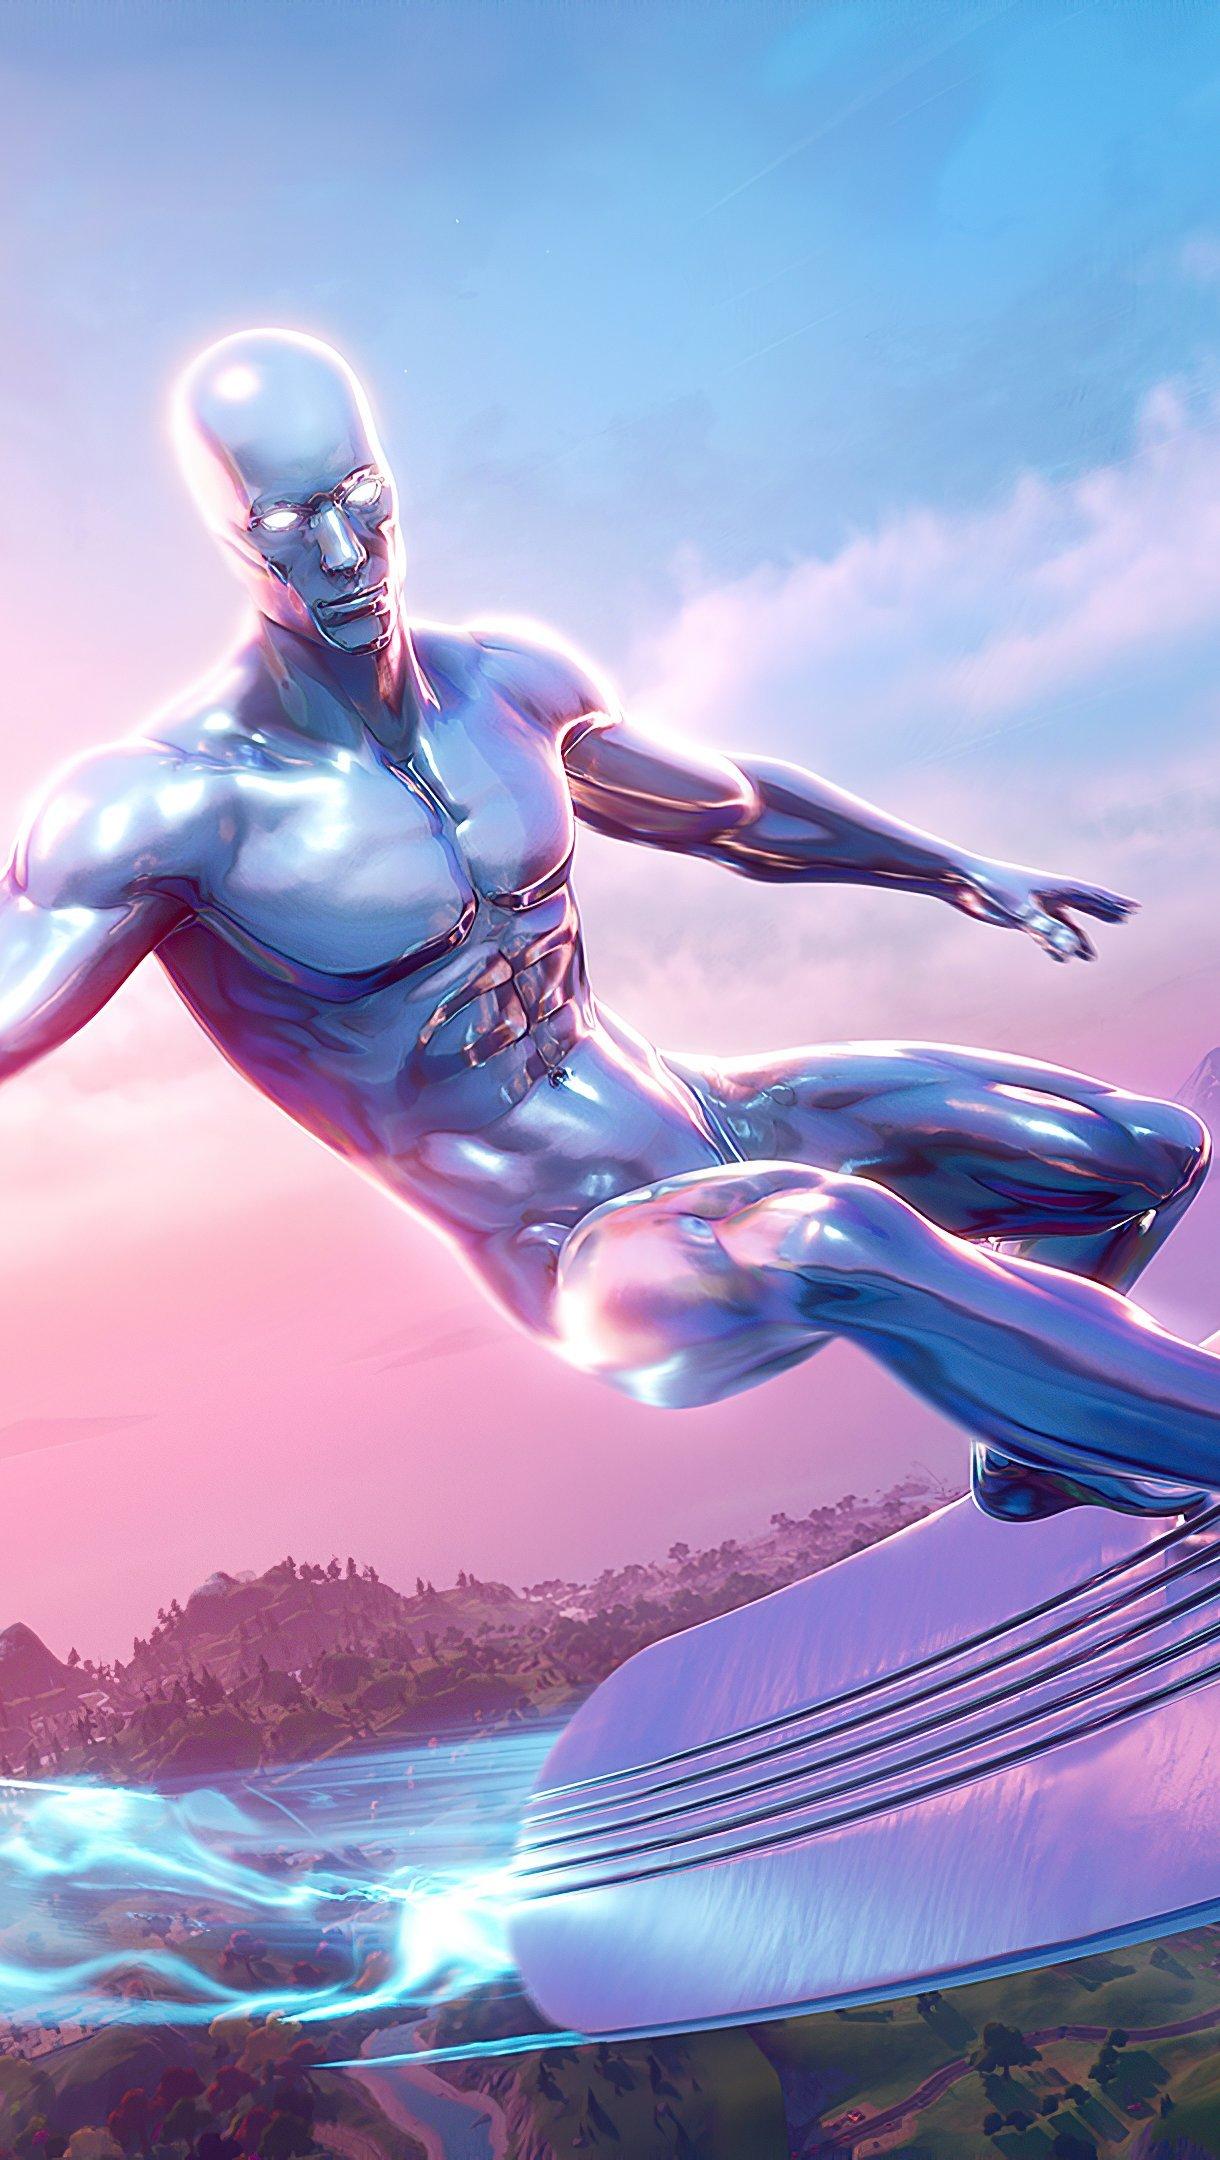 Silver Surfer Fortnite Season 4 Wallpaper 4k Ultra Hd Id 6218